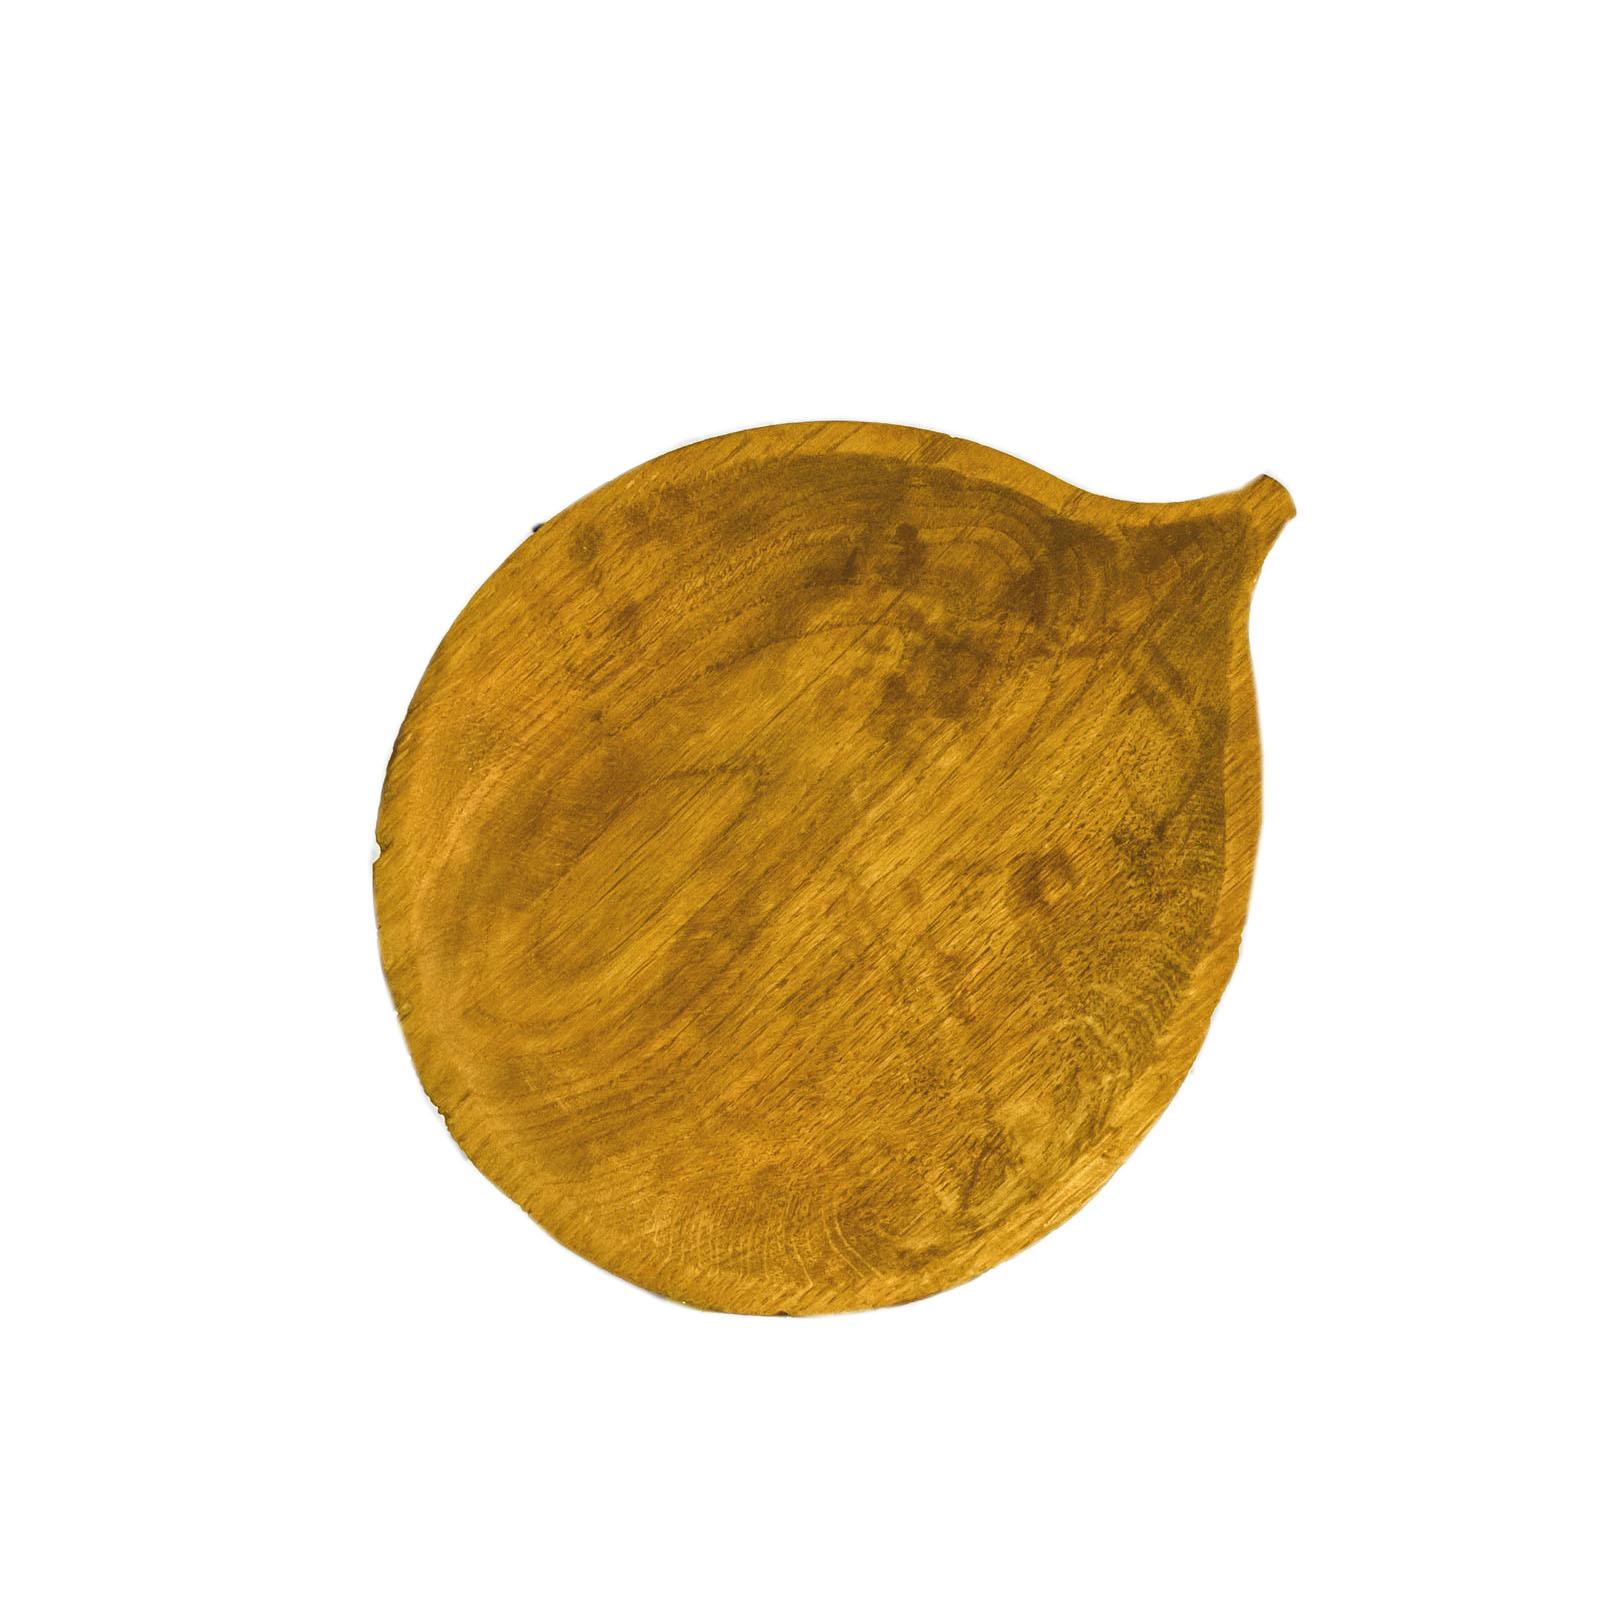 Тарелка Блюдце осинаДекоративные блюда<br>&amp;quot;Листья&amp;quot; - коллекция дубовых тарелок и блюдец. Сделана вручную. Покрытие: льняное масло. Ее внутренняя поверхность идеально зашлифована. При необходимости можно обновлять покрытие, протерев поверхность тряпочкой, смоченной льняным маслом. После влажной обработки ее нужно протирать полотенцем. Тарелка не предназначена для длительного хранения жидкостей. Из-за специфики ручного труда все предметы отличаются друг от друга.<br><br>Material: Дуб<br>Ширина см: 20<br>Высота см: 1